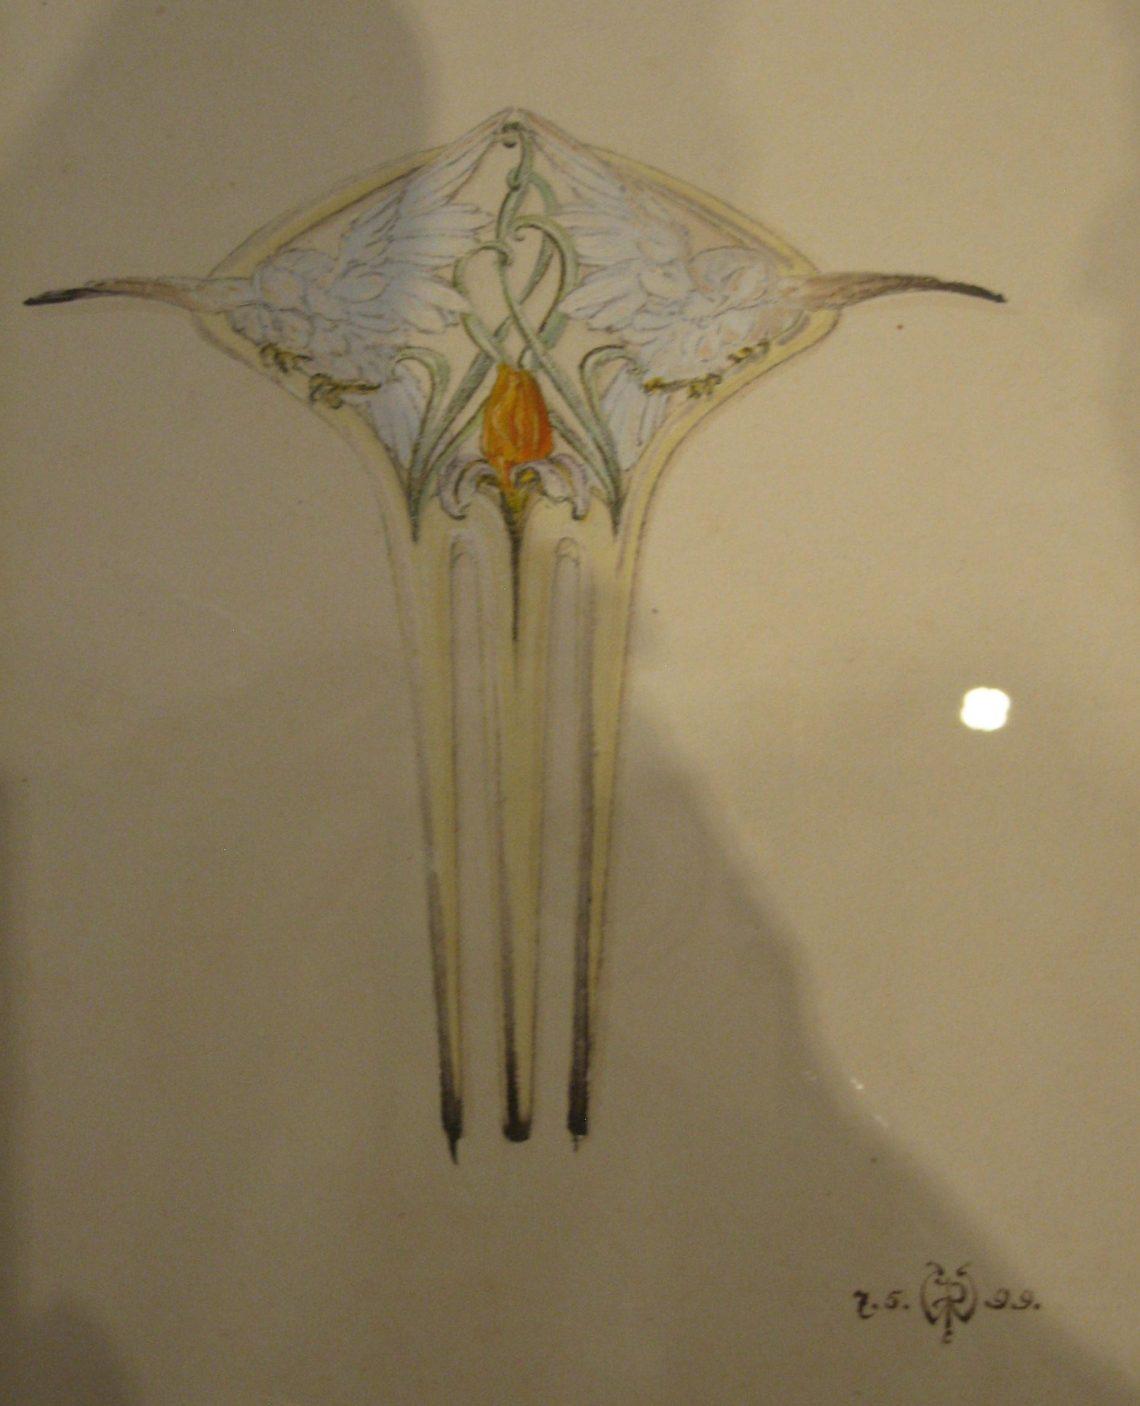 Philippe Wolfers, Vogels en Iris, haarkam, ontwerptekening, 7 mei 1899. Collectie Koning Boudewijnstichting. Foto Esther Doornbusch, juni 2018, CC BY 4.0